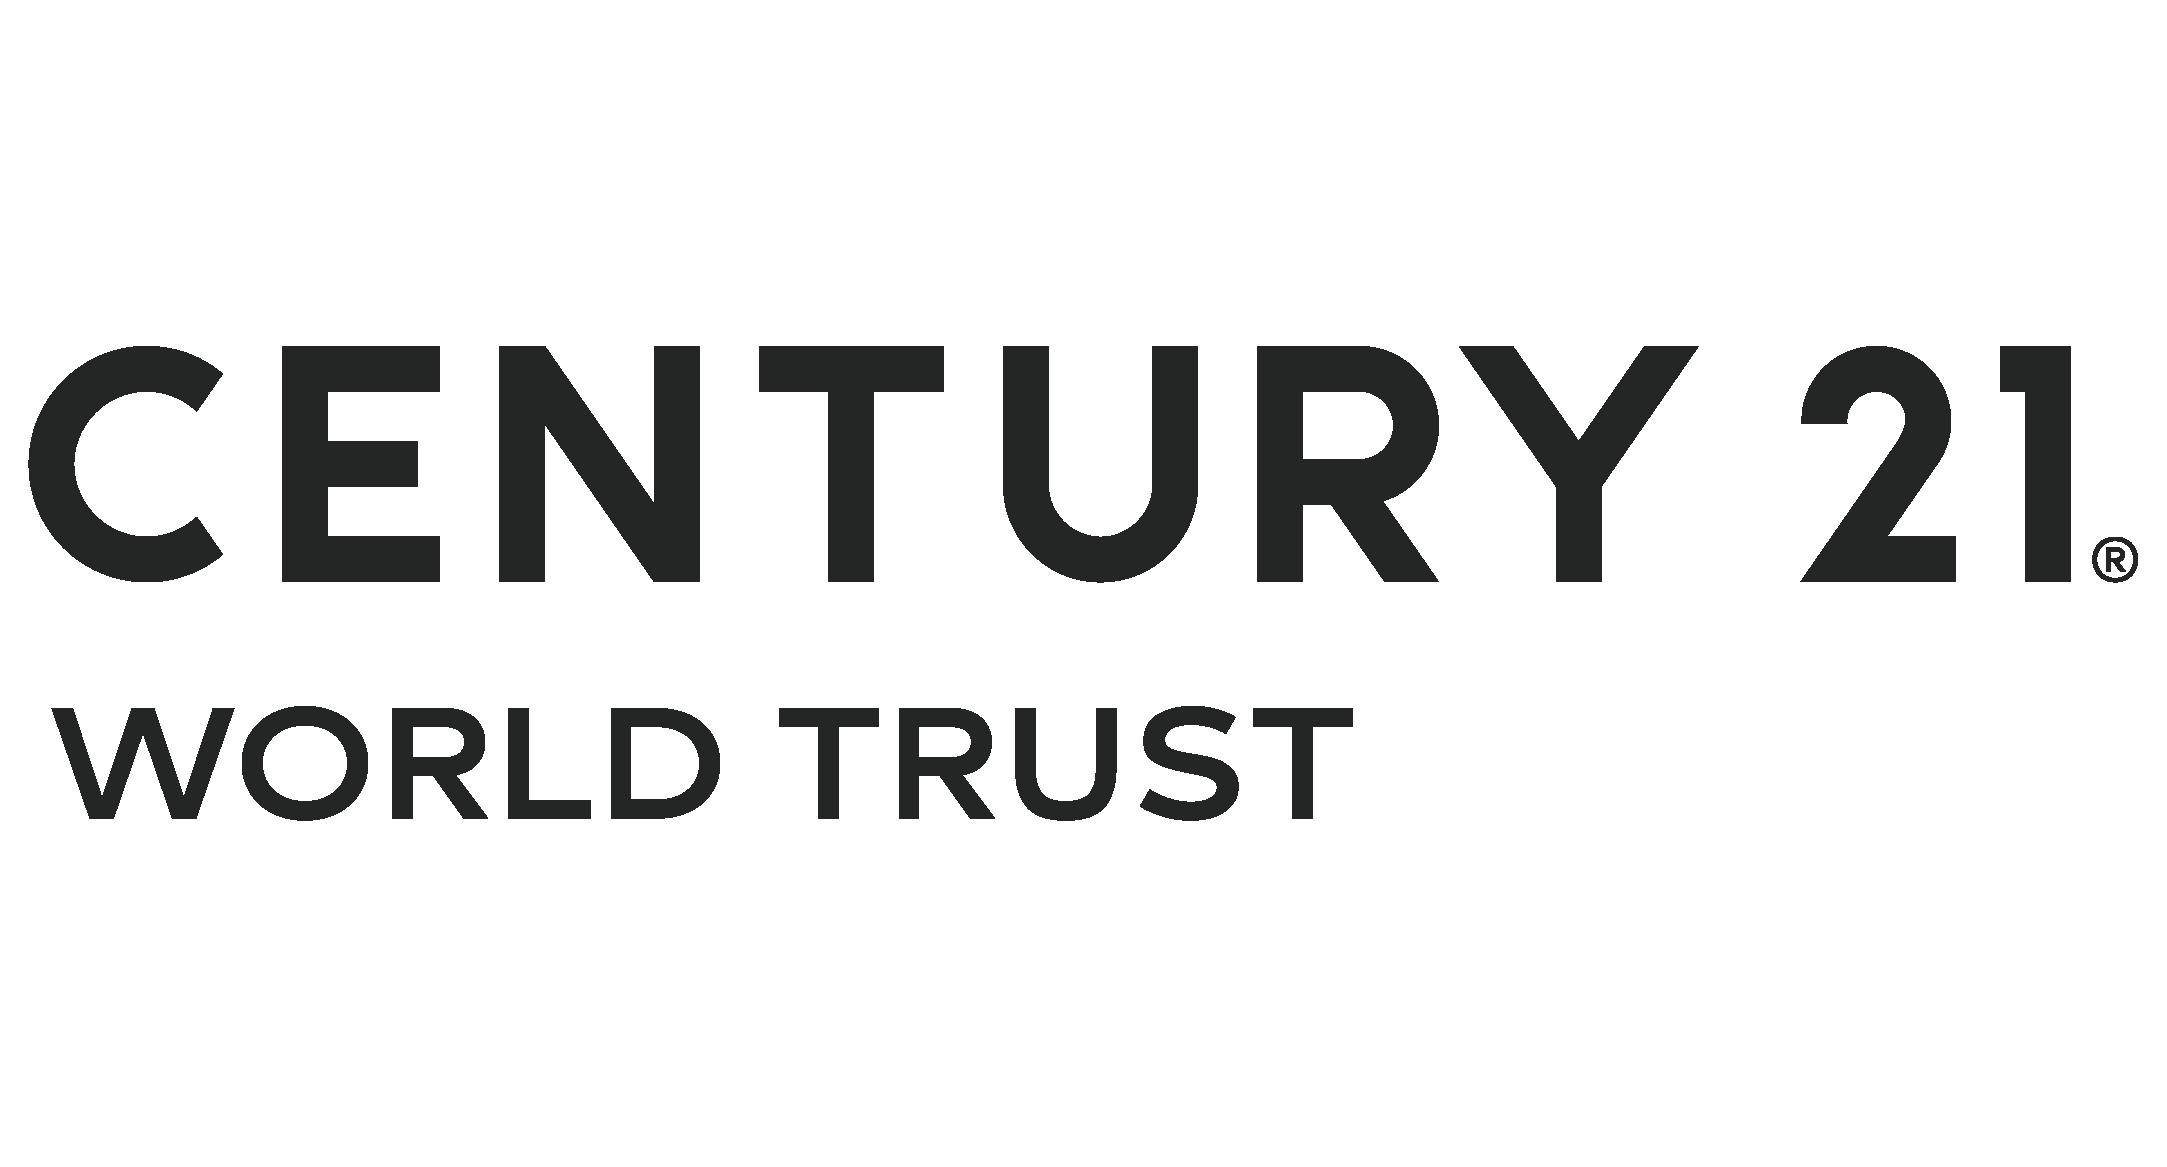 Century 21 World Trust